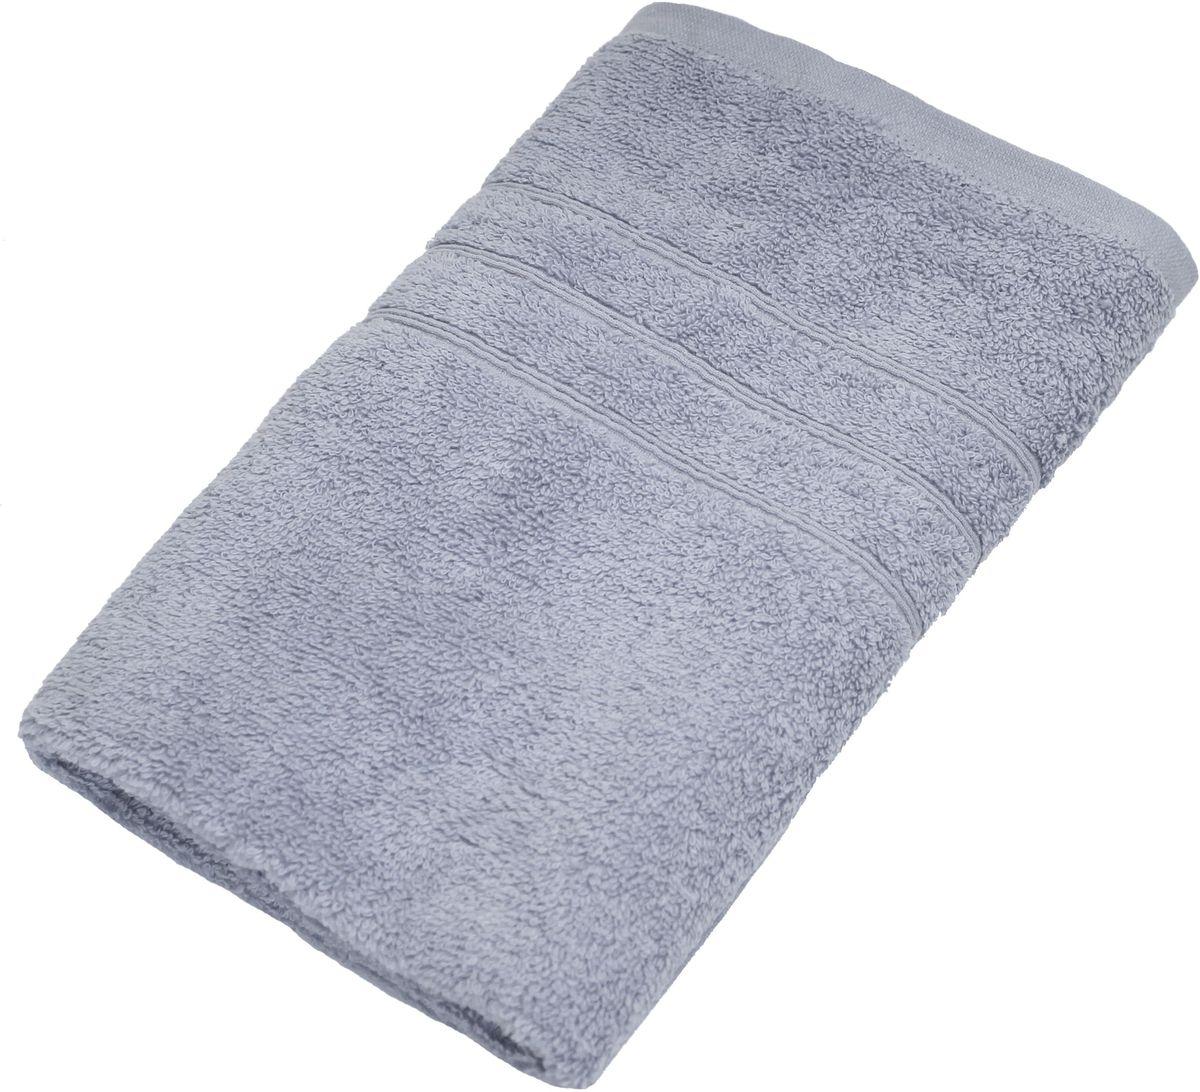 Полотенце Proffi Home Модерн, цвет: серый, 50x100 смPH3267Состав: 100% хлопок.